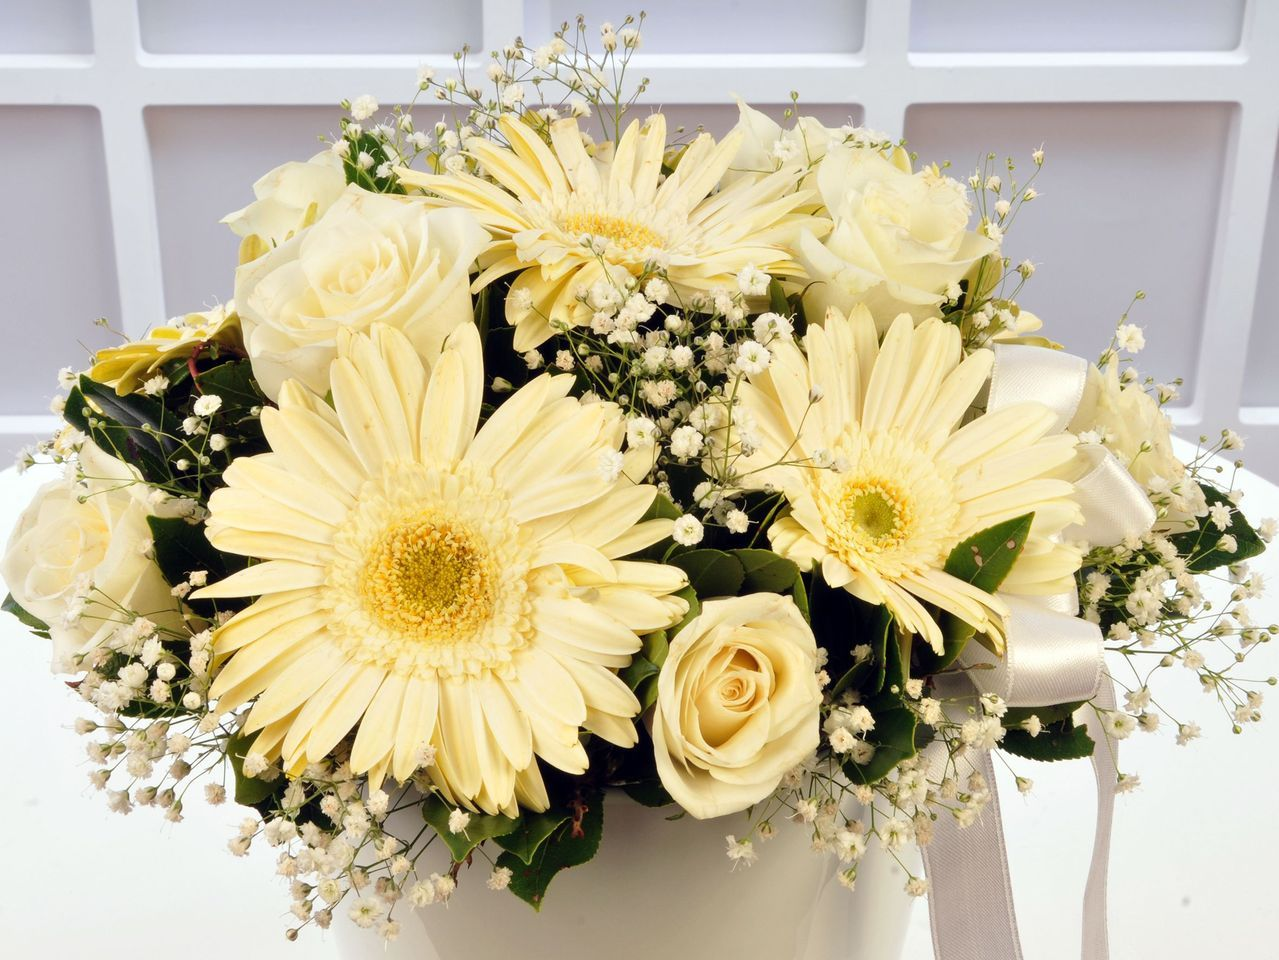 Beyaz Meleğime Aranjmanlar çiçek gönder